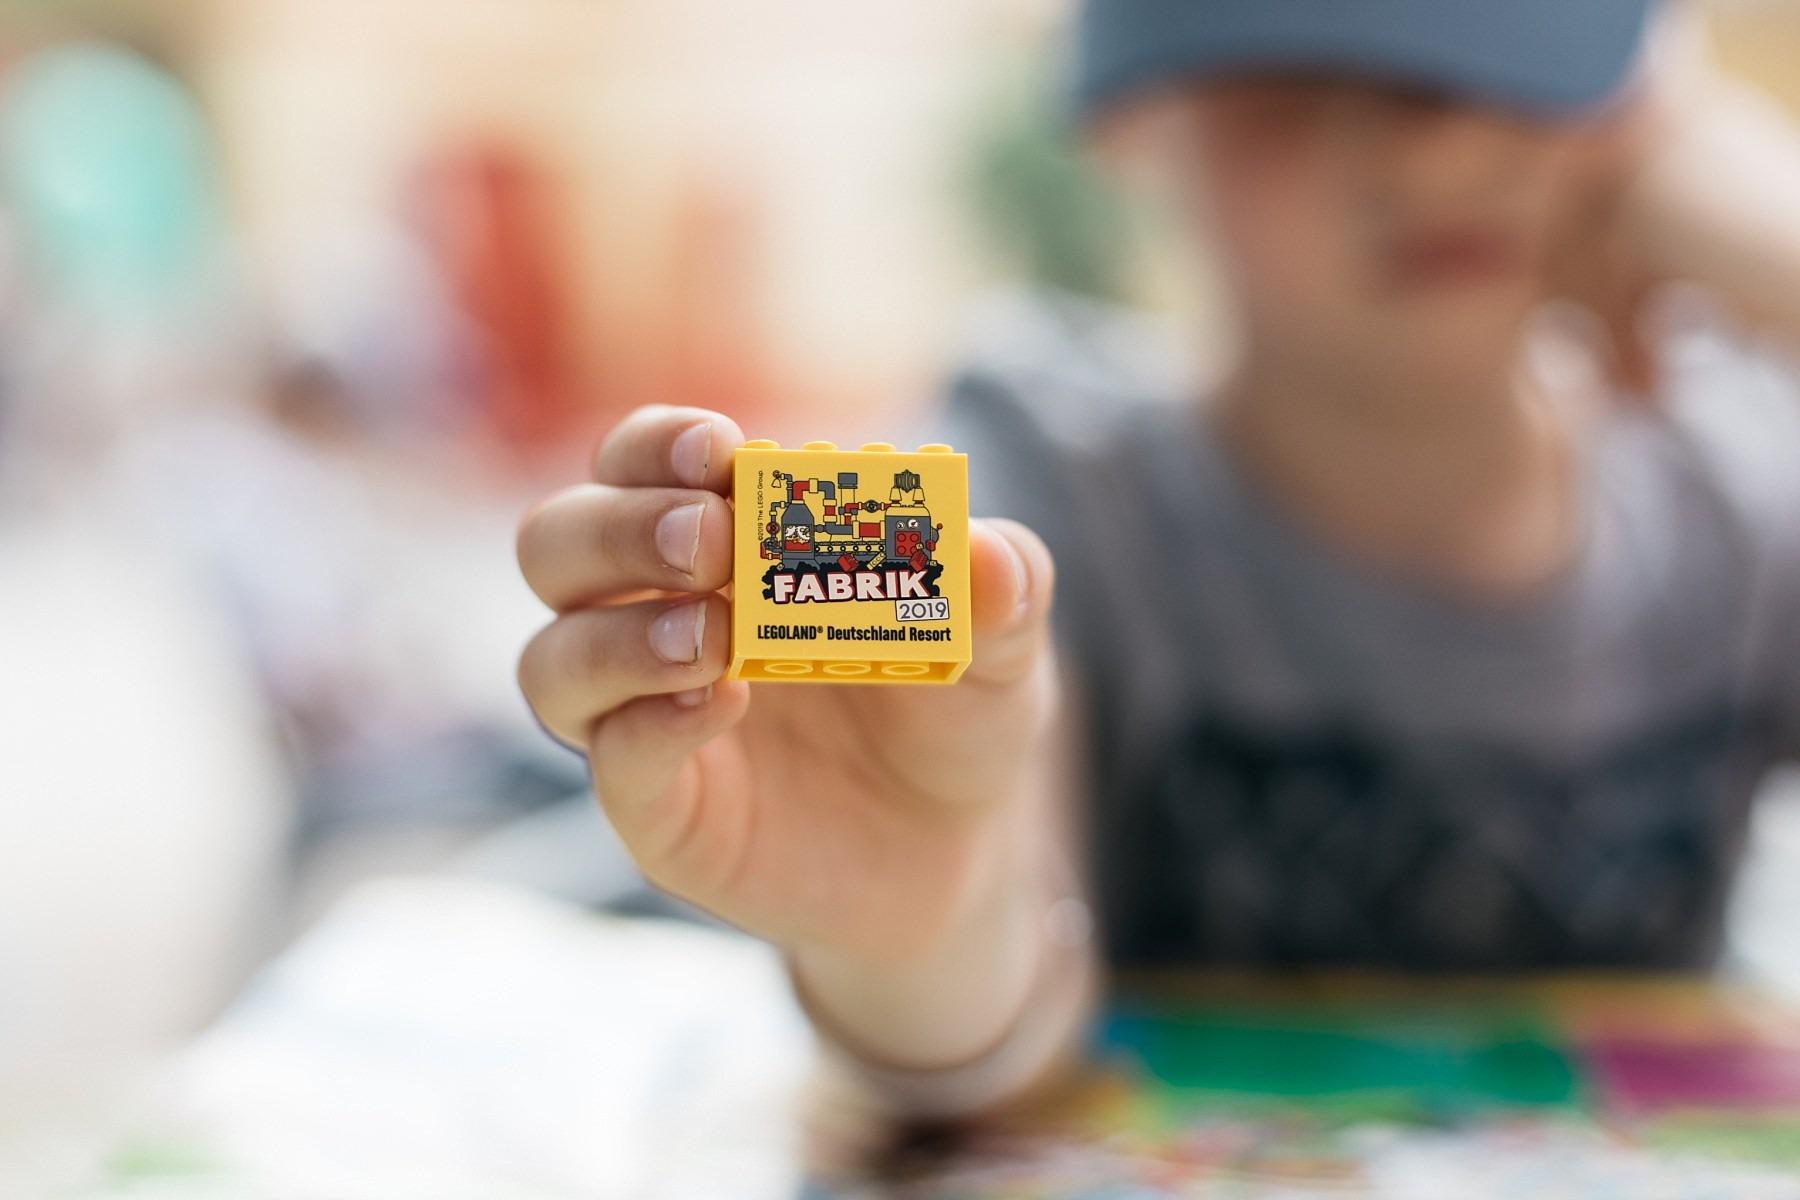 Legoland - 57 millions de briques Lego 46